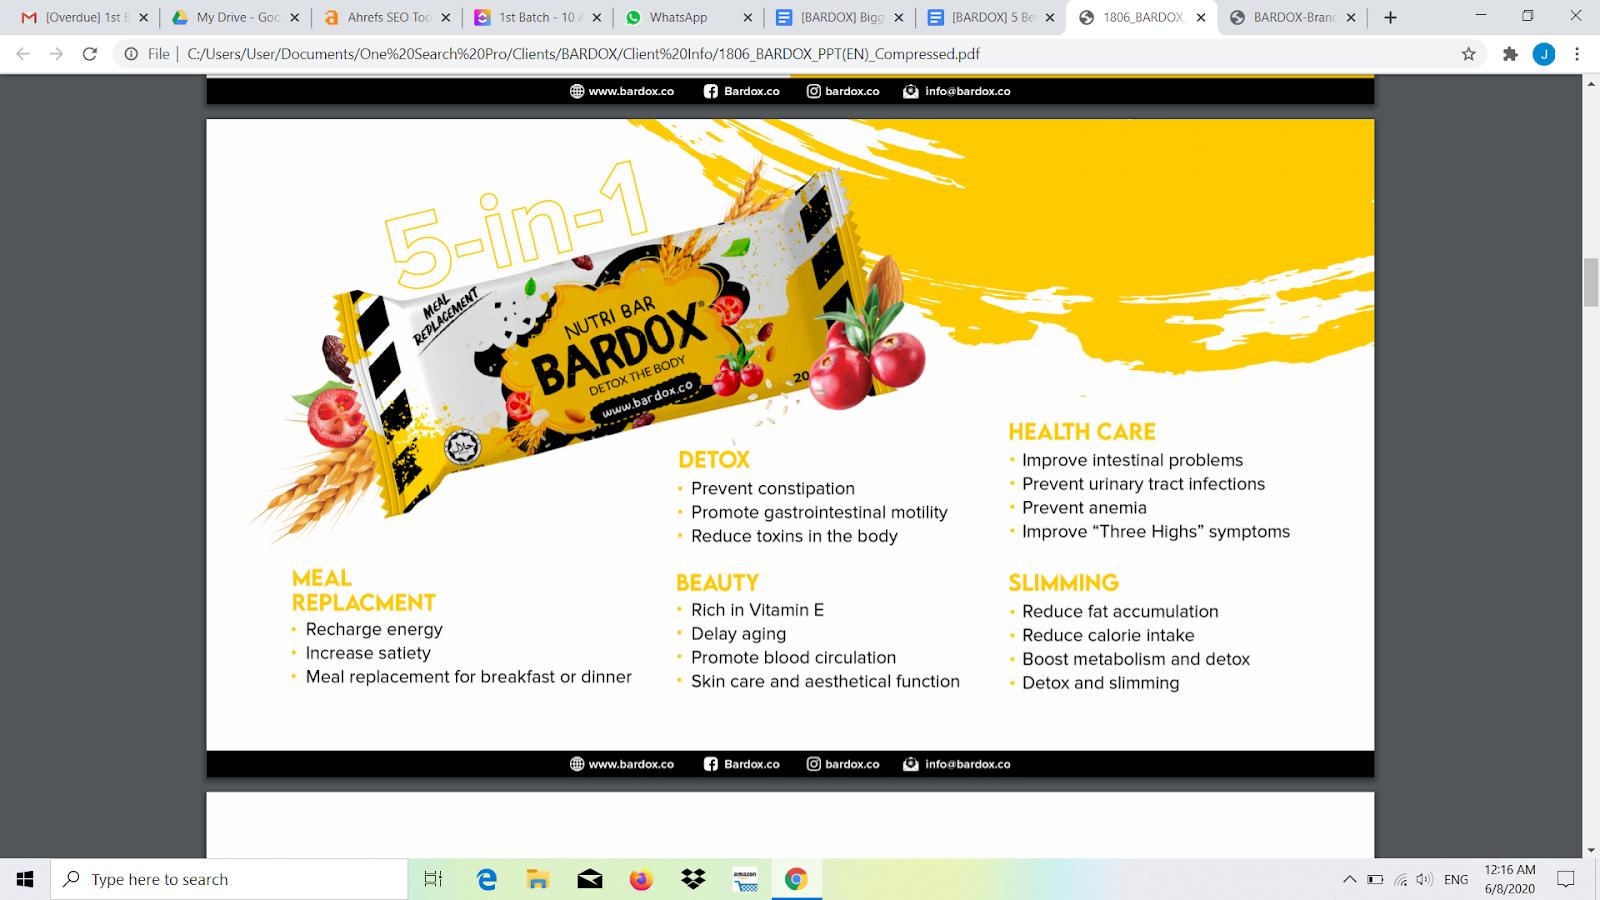 5 Benefits of Nutri Detox Bar